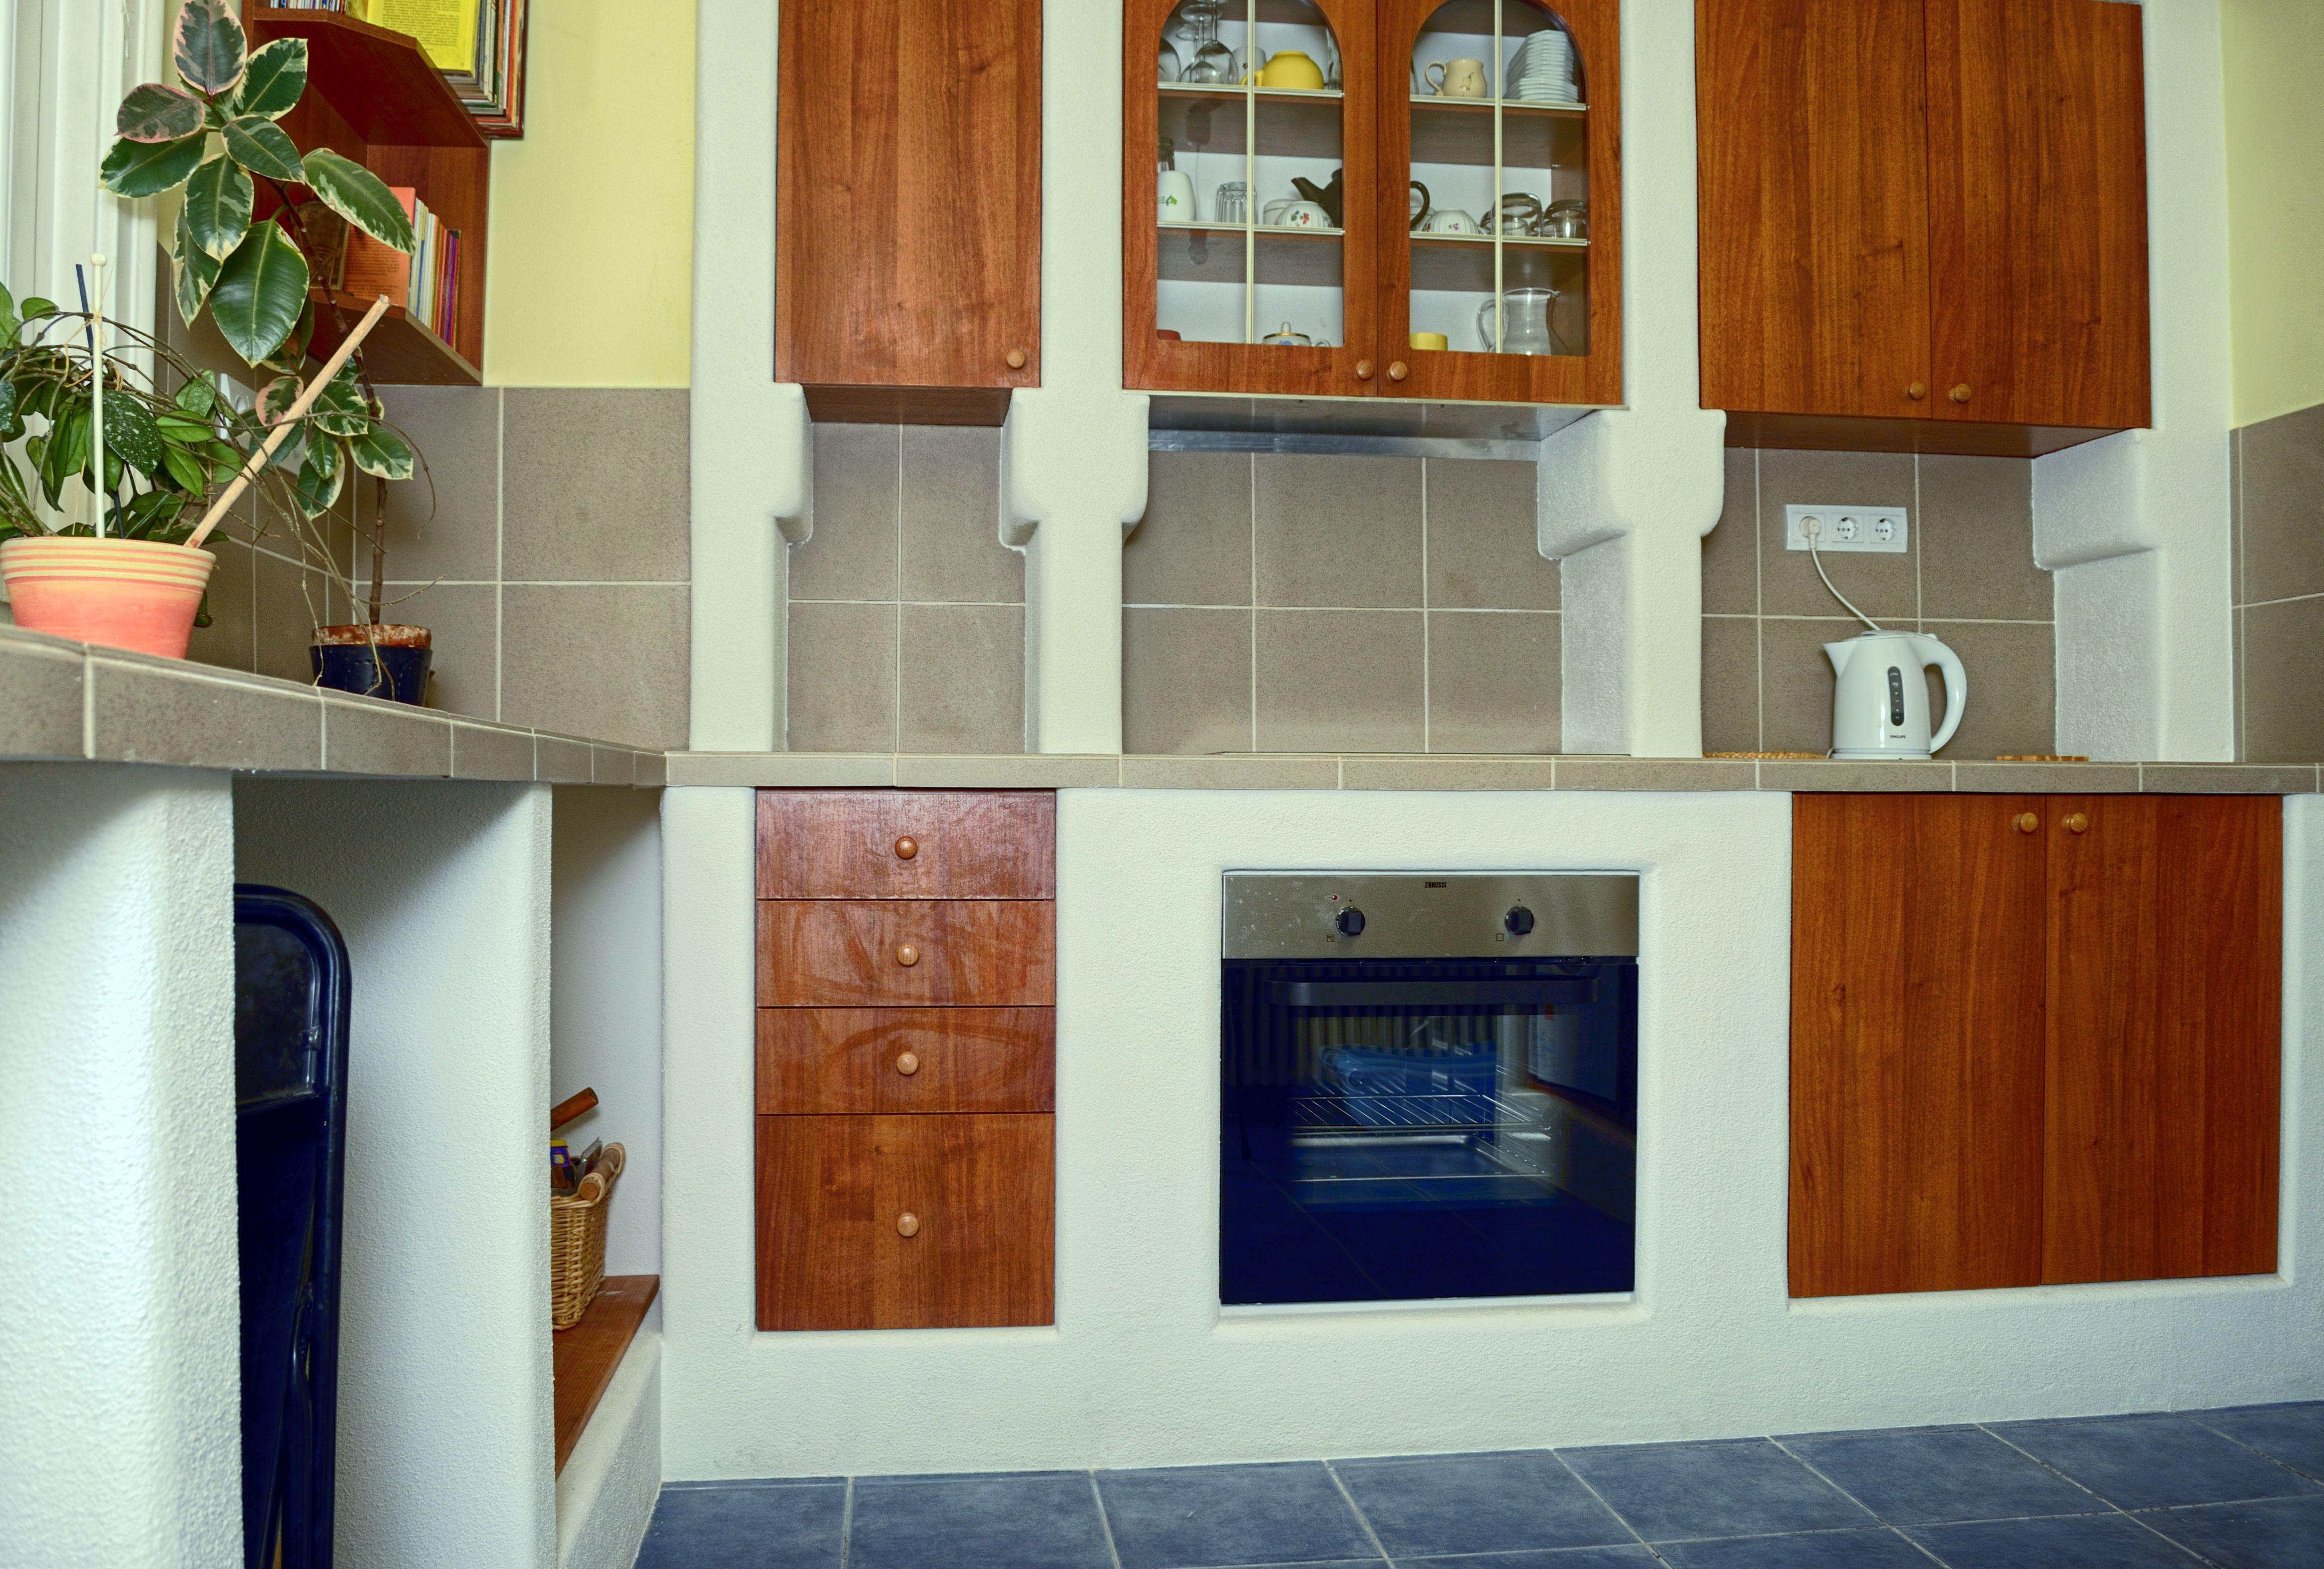 Ytong kitchen 01. 03 Konyha